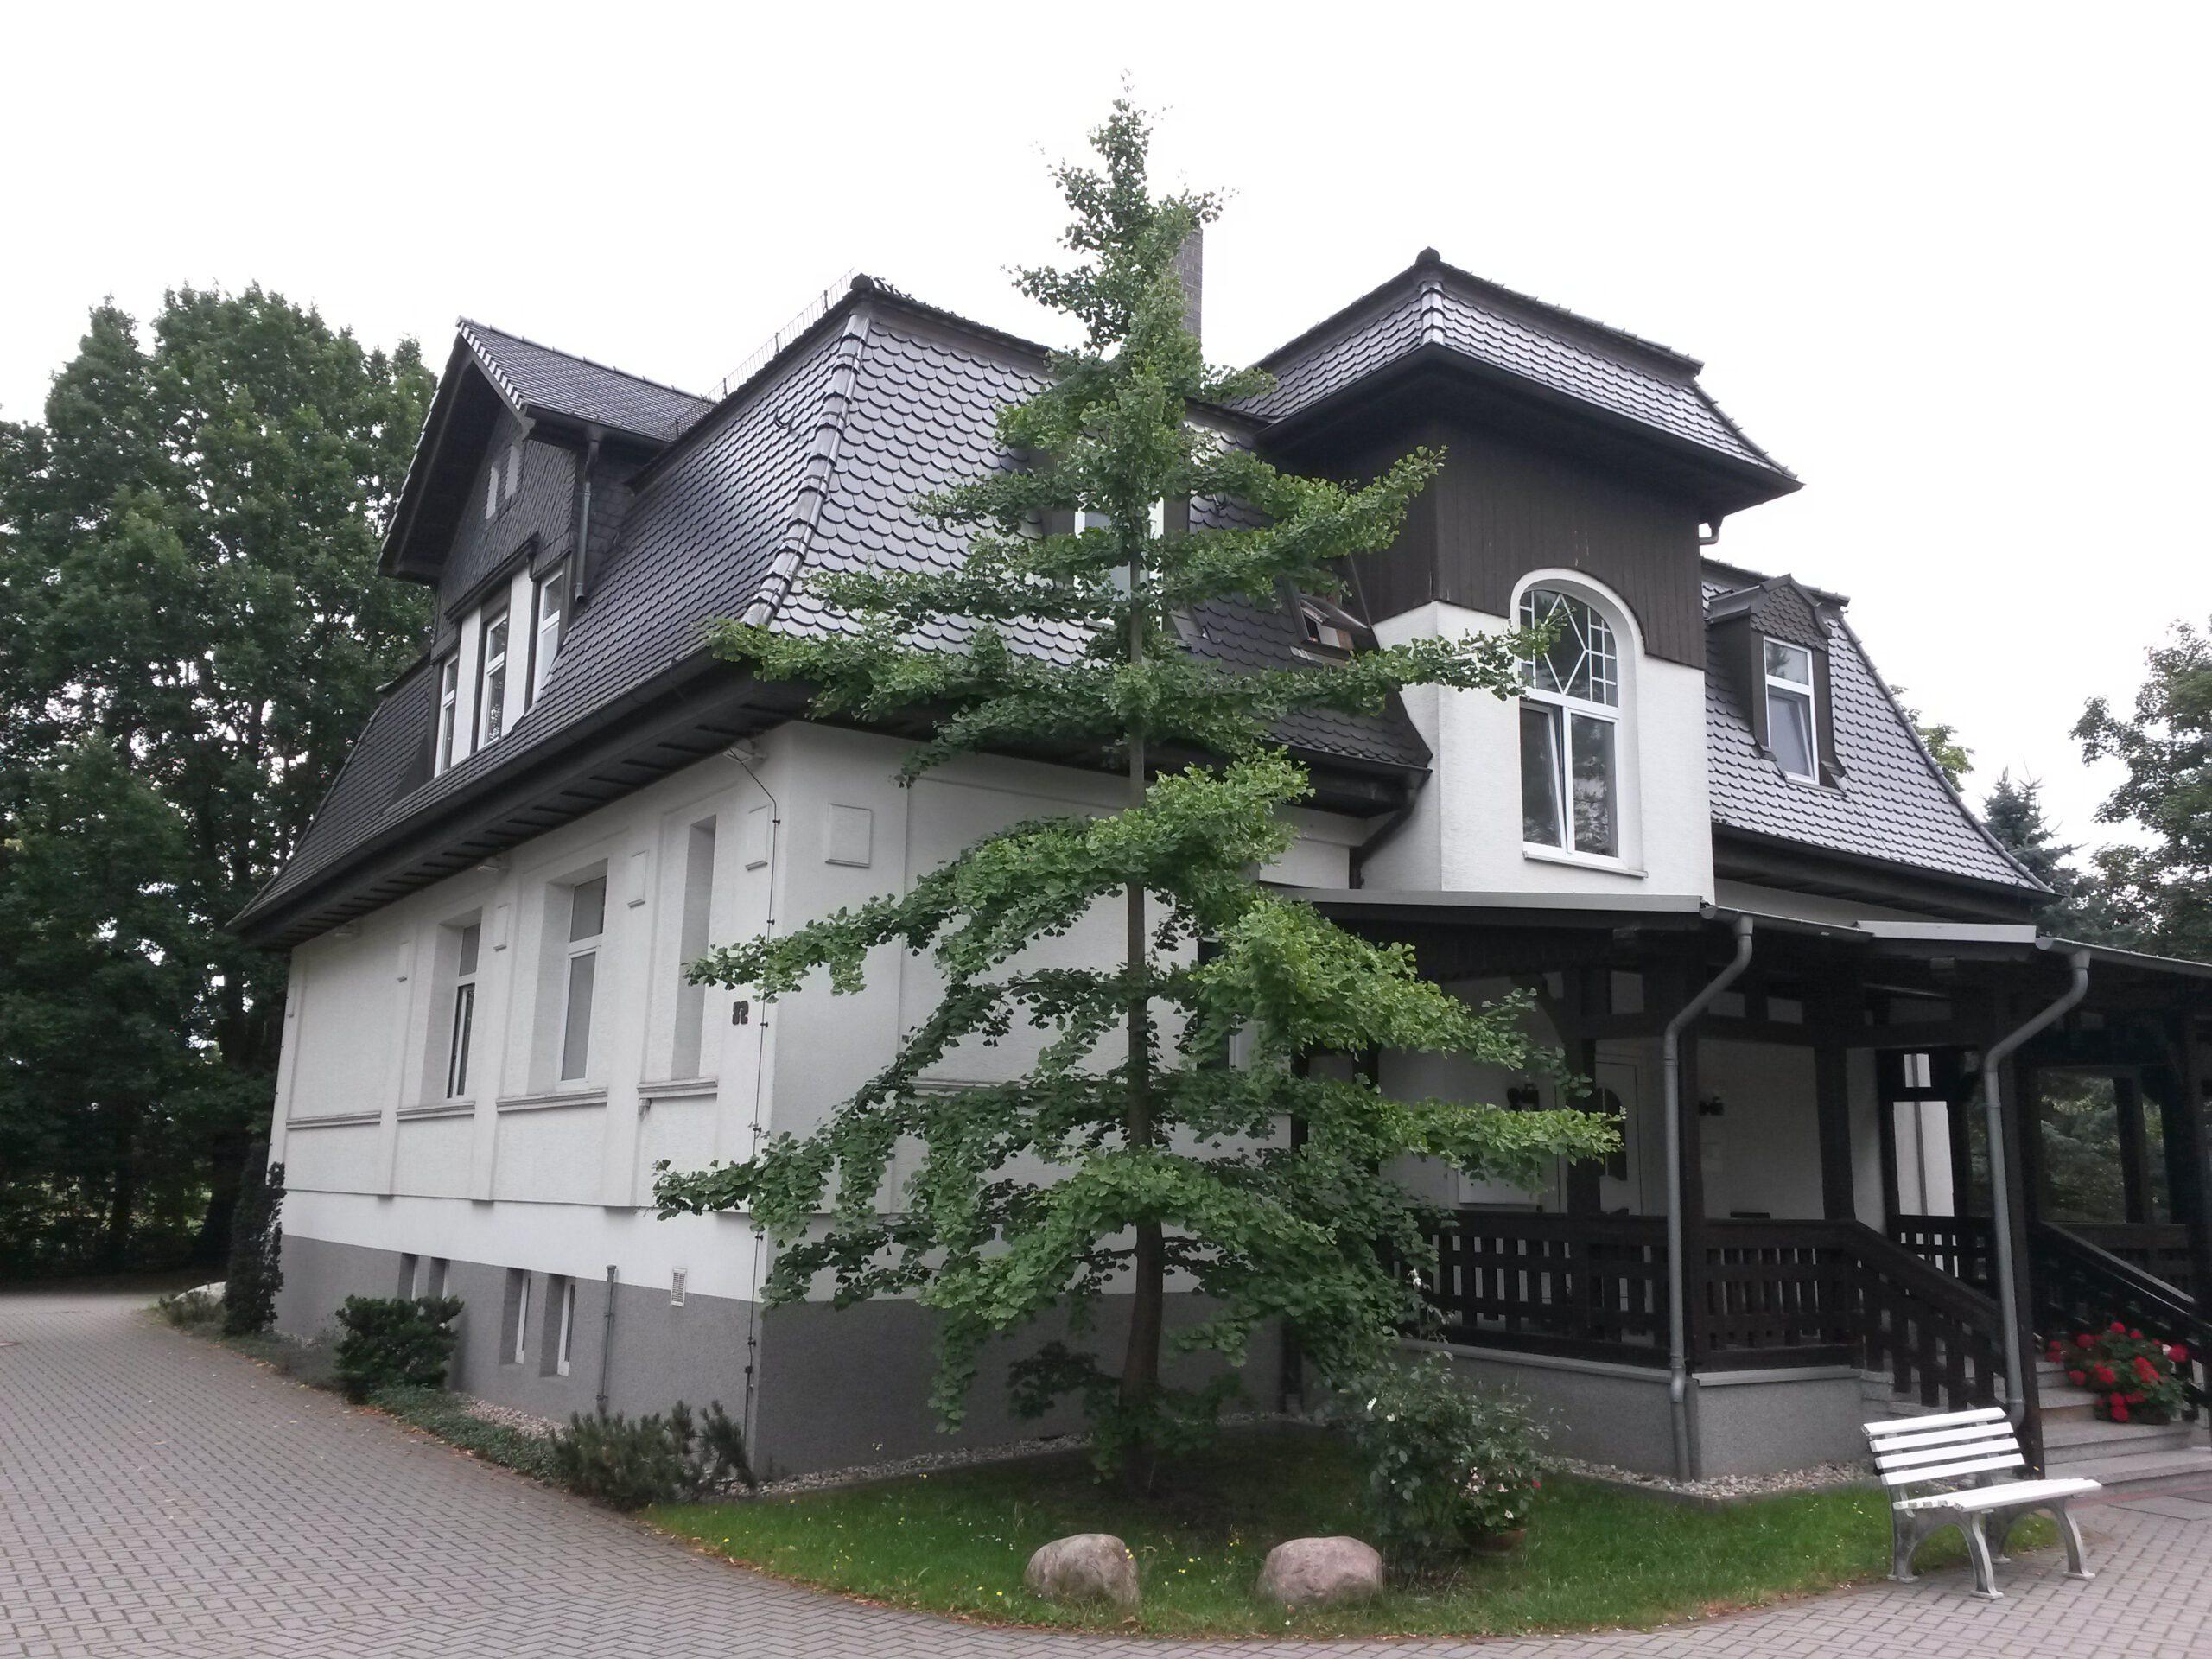 Sie wollten schon immer mal in einer Villa wohnen und suchen eine 2-R-Wohnung? Hier ist Ihre neue Wohnung!!